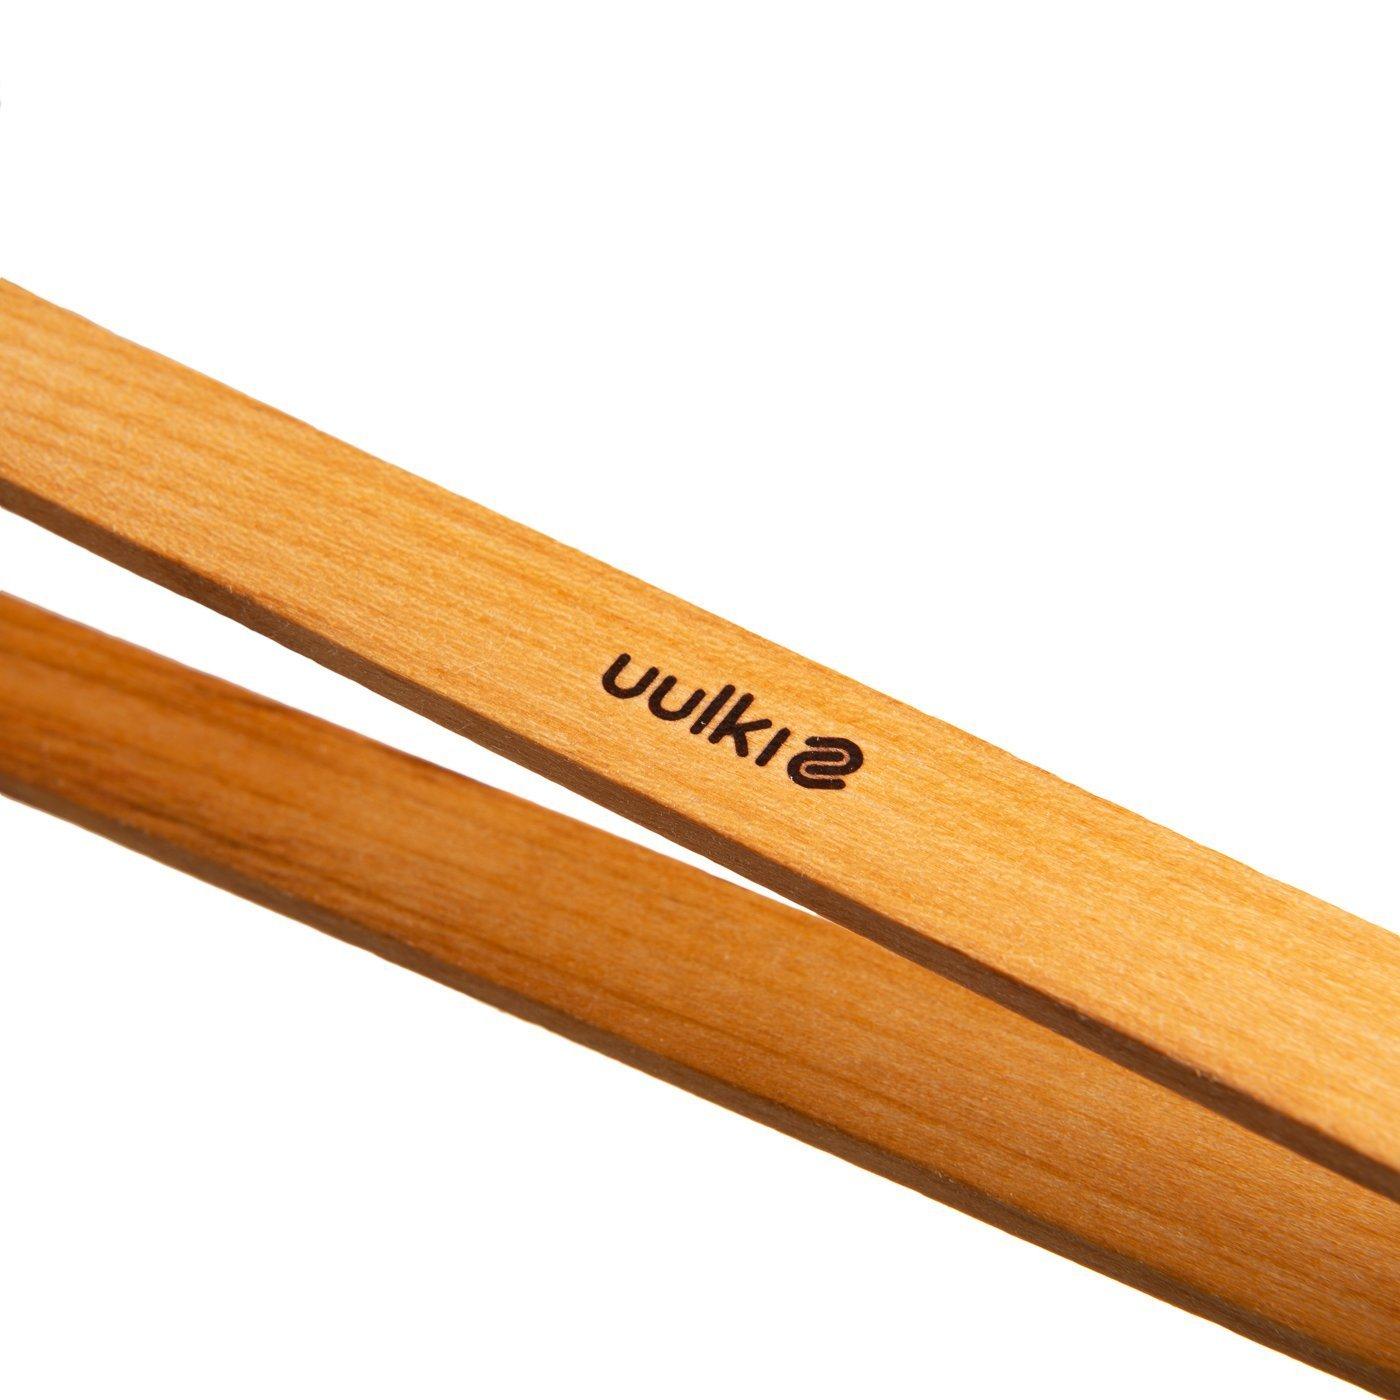 Uulki 3-TLG Umweltfreundliche Barbecue K/üchenzangen aus Holz Holzzange Grillzangen Universalzangen Servierzange Set BBQ Zangen aus Kirschholz 30 cm lang Grillzubeh/ör in Europa gefertigt